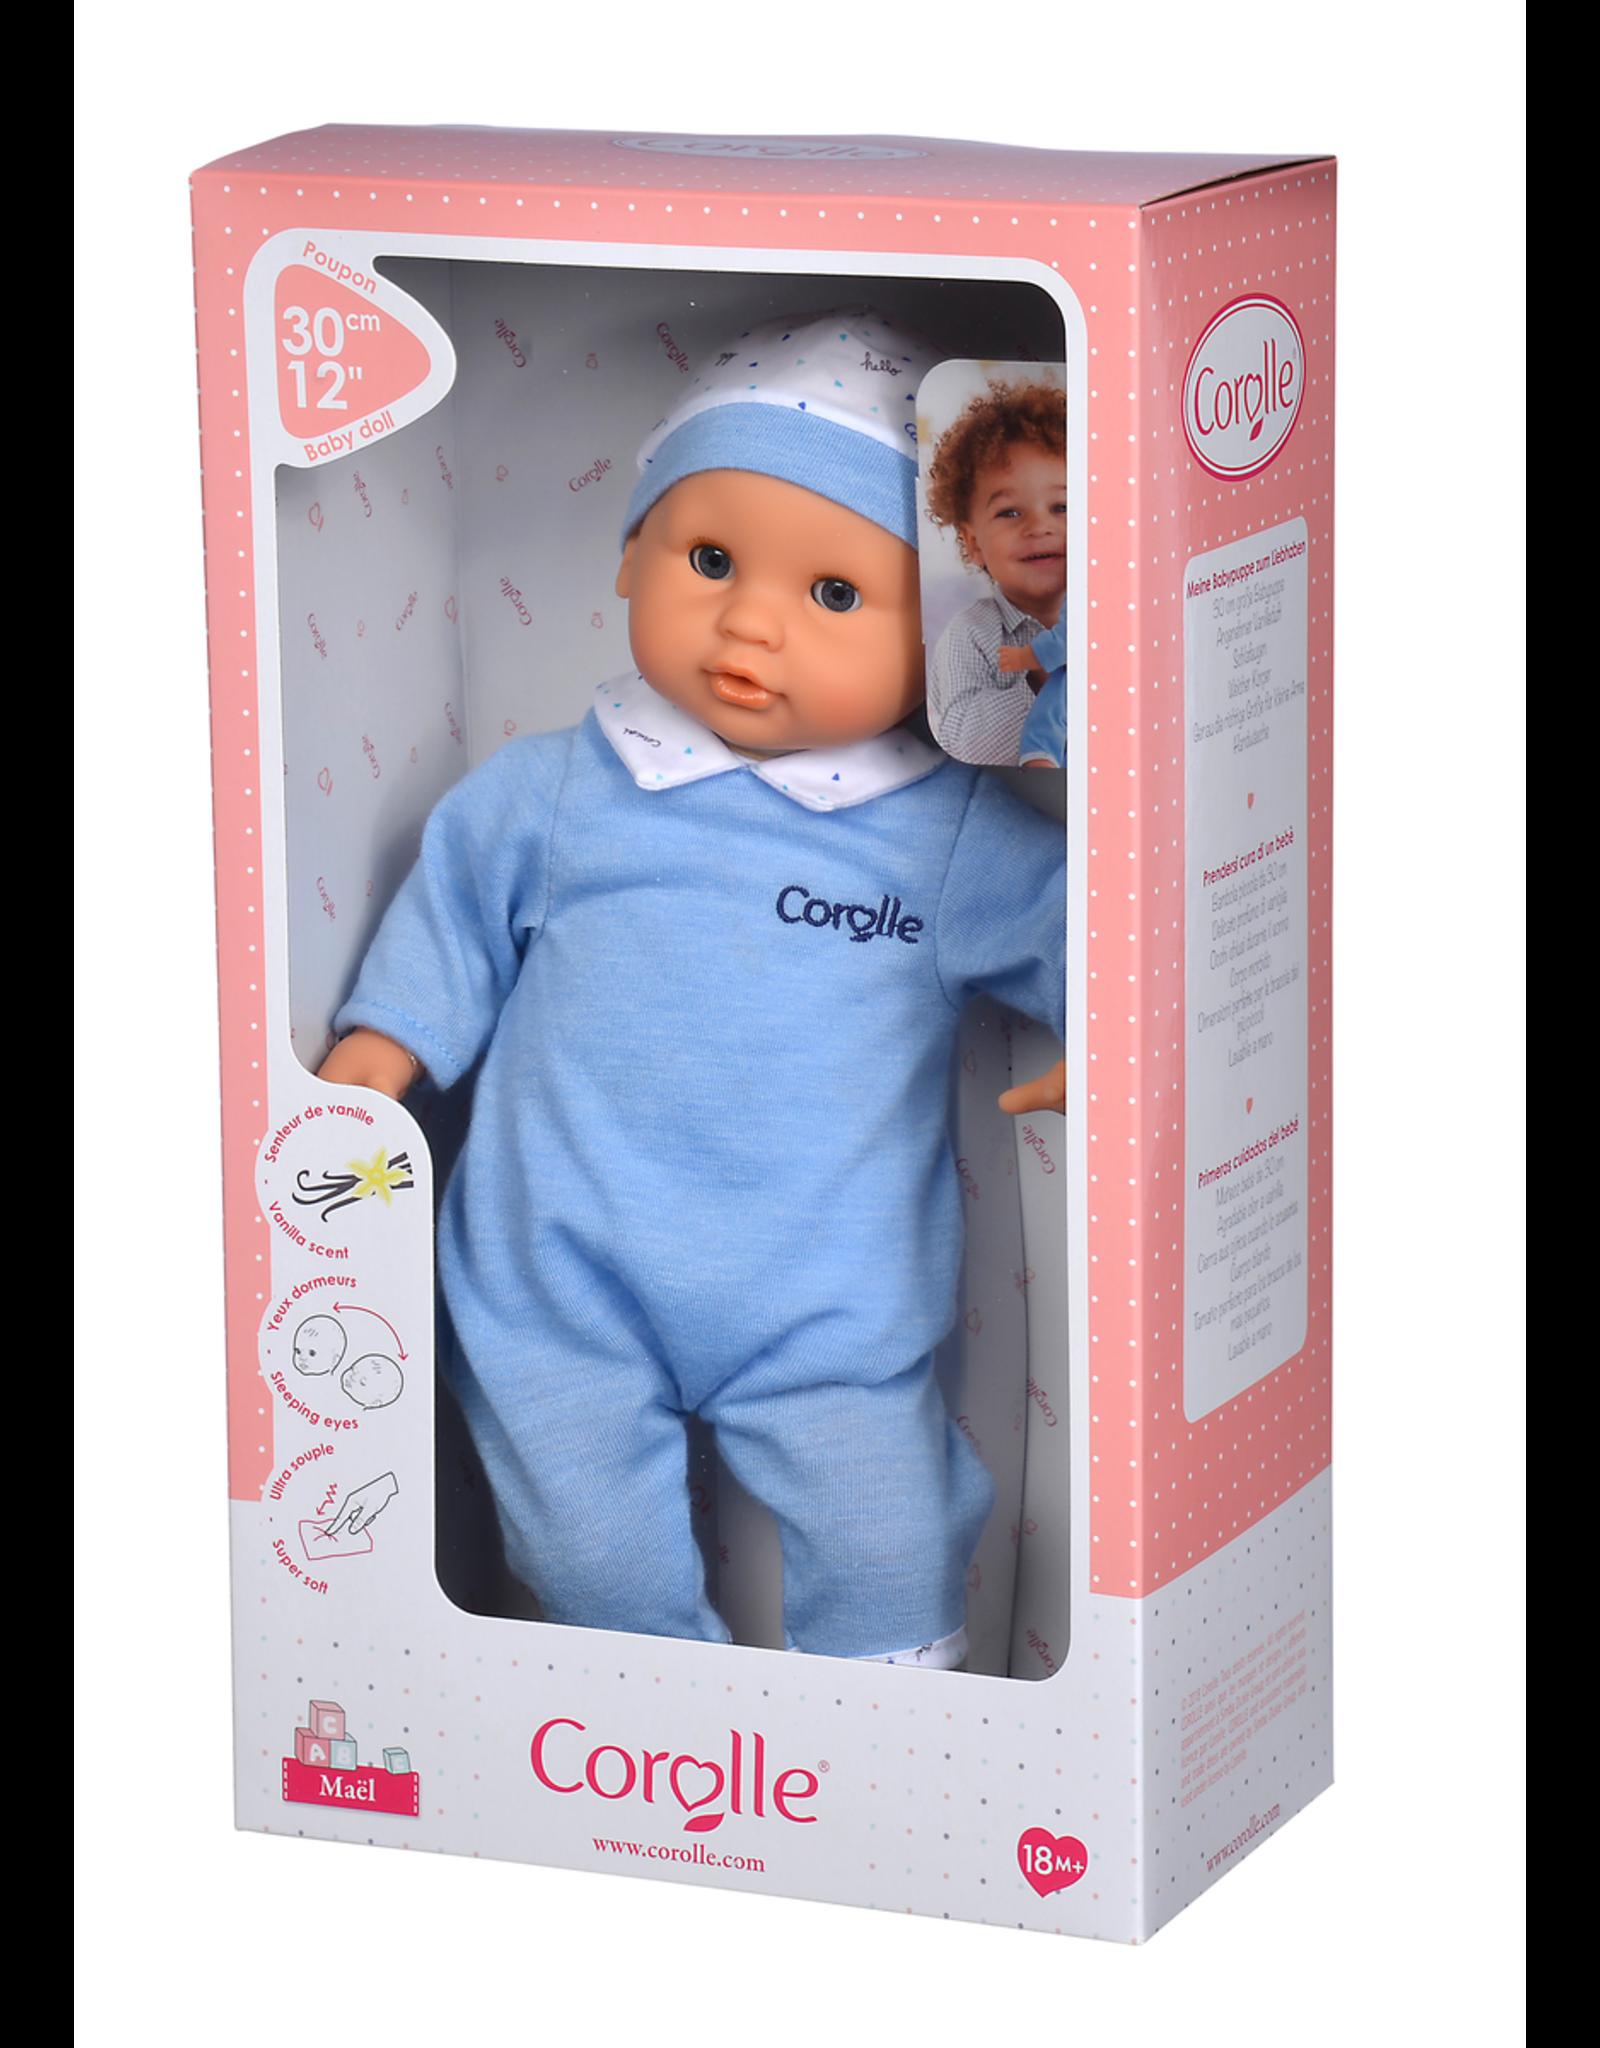 Corolle Corolle - Calin Maël - Babypop